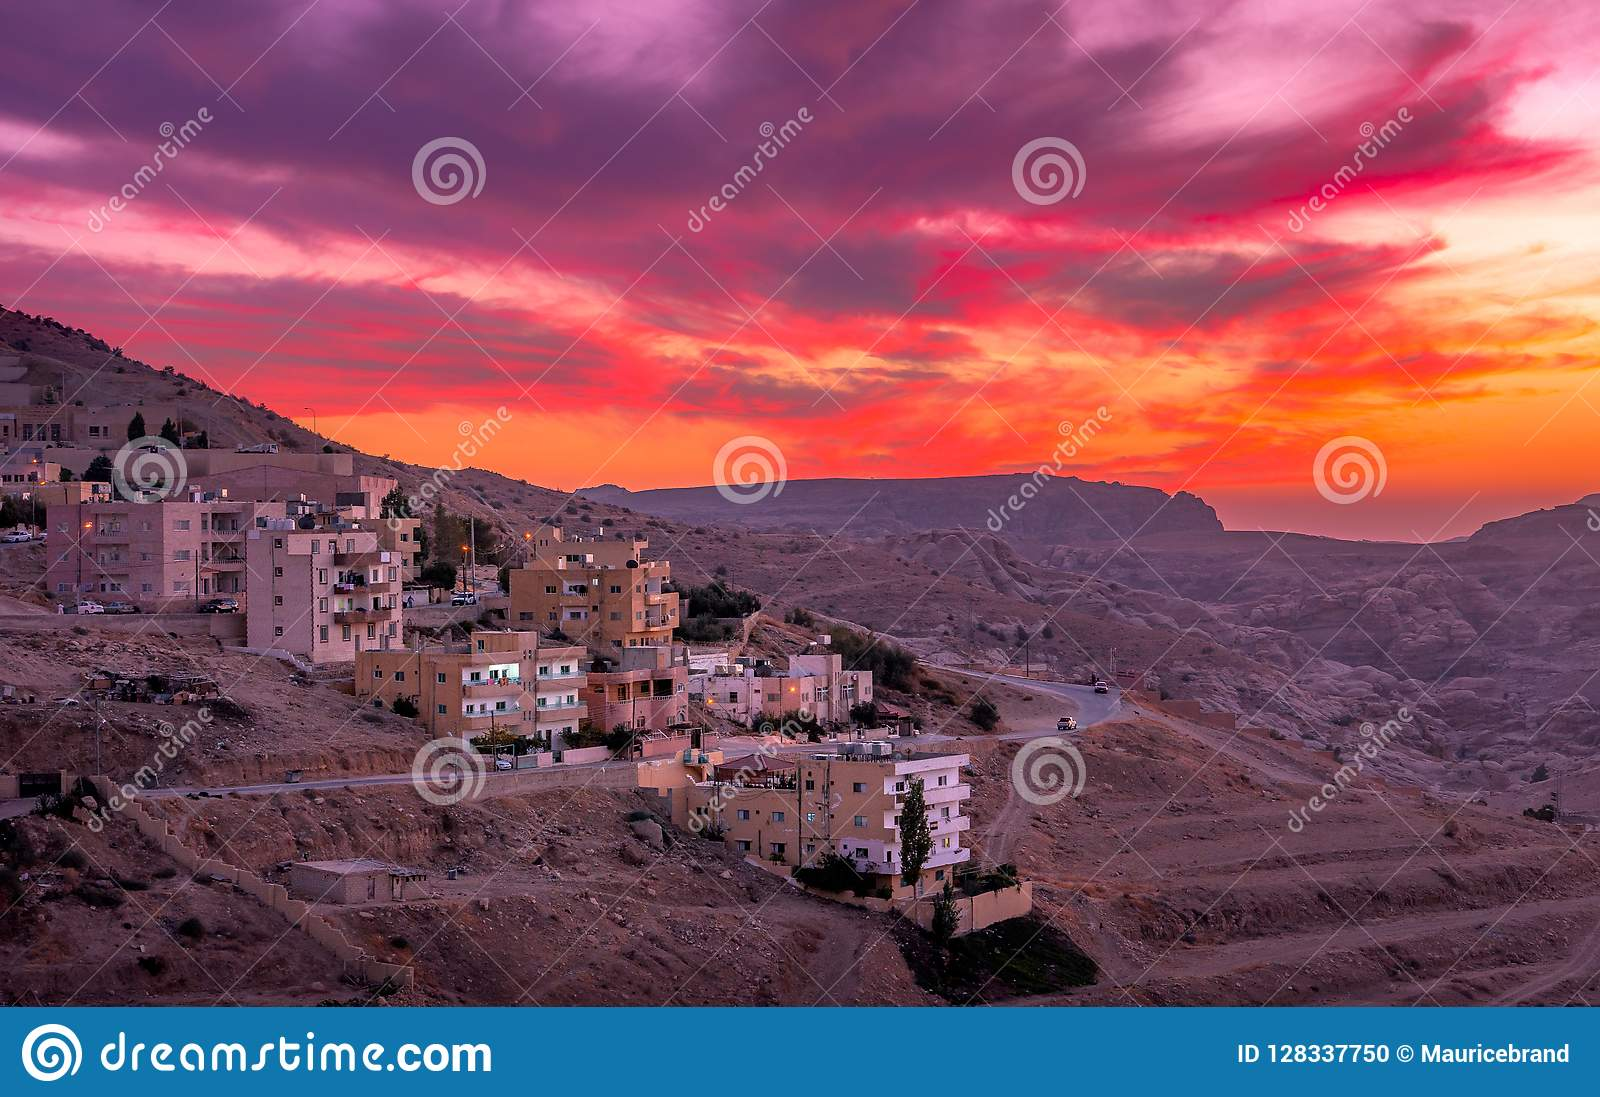 Solnedgång över Wadi Musa, stad av Petra i Jordanien